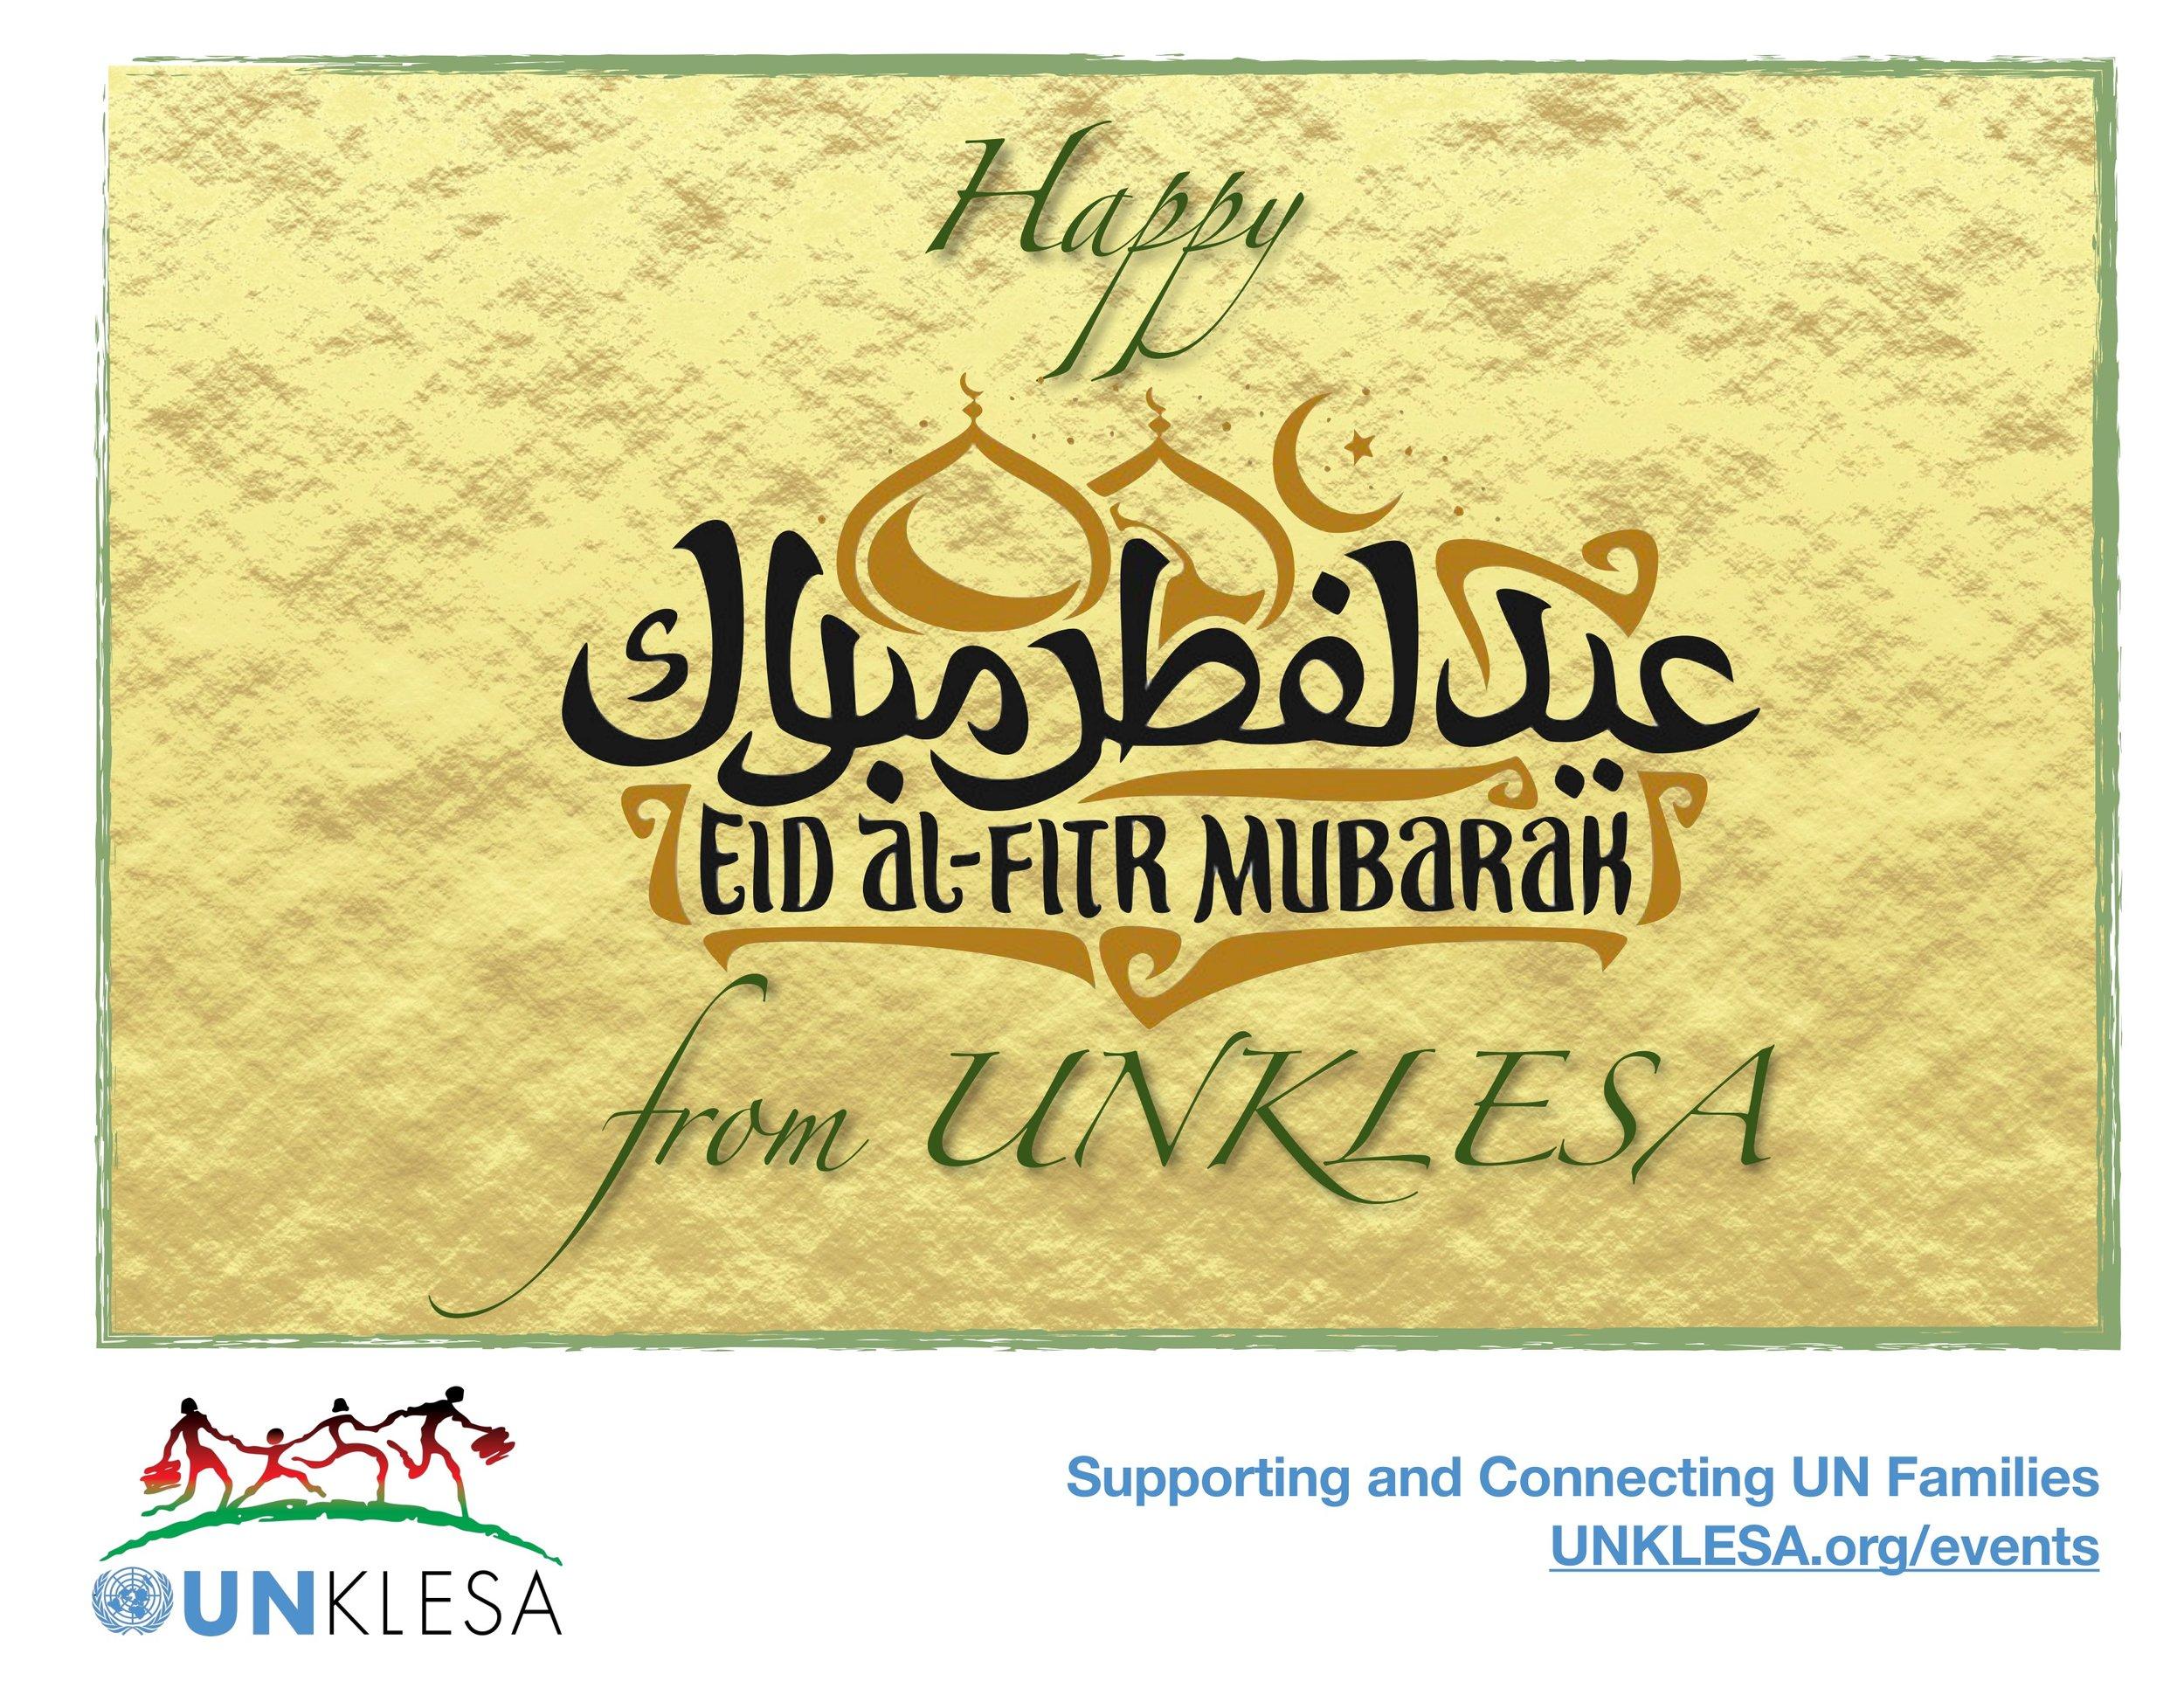 UNKLESA_Eid-al-Fitr.jpg